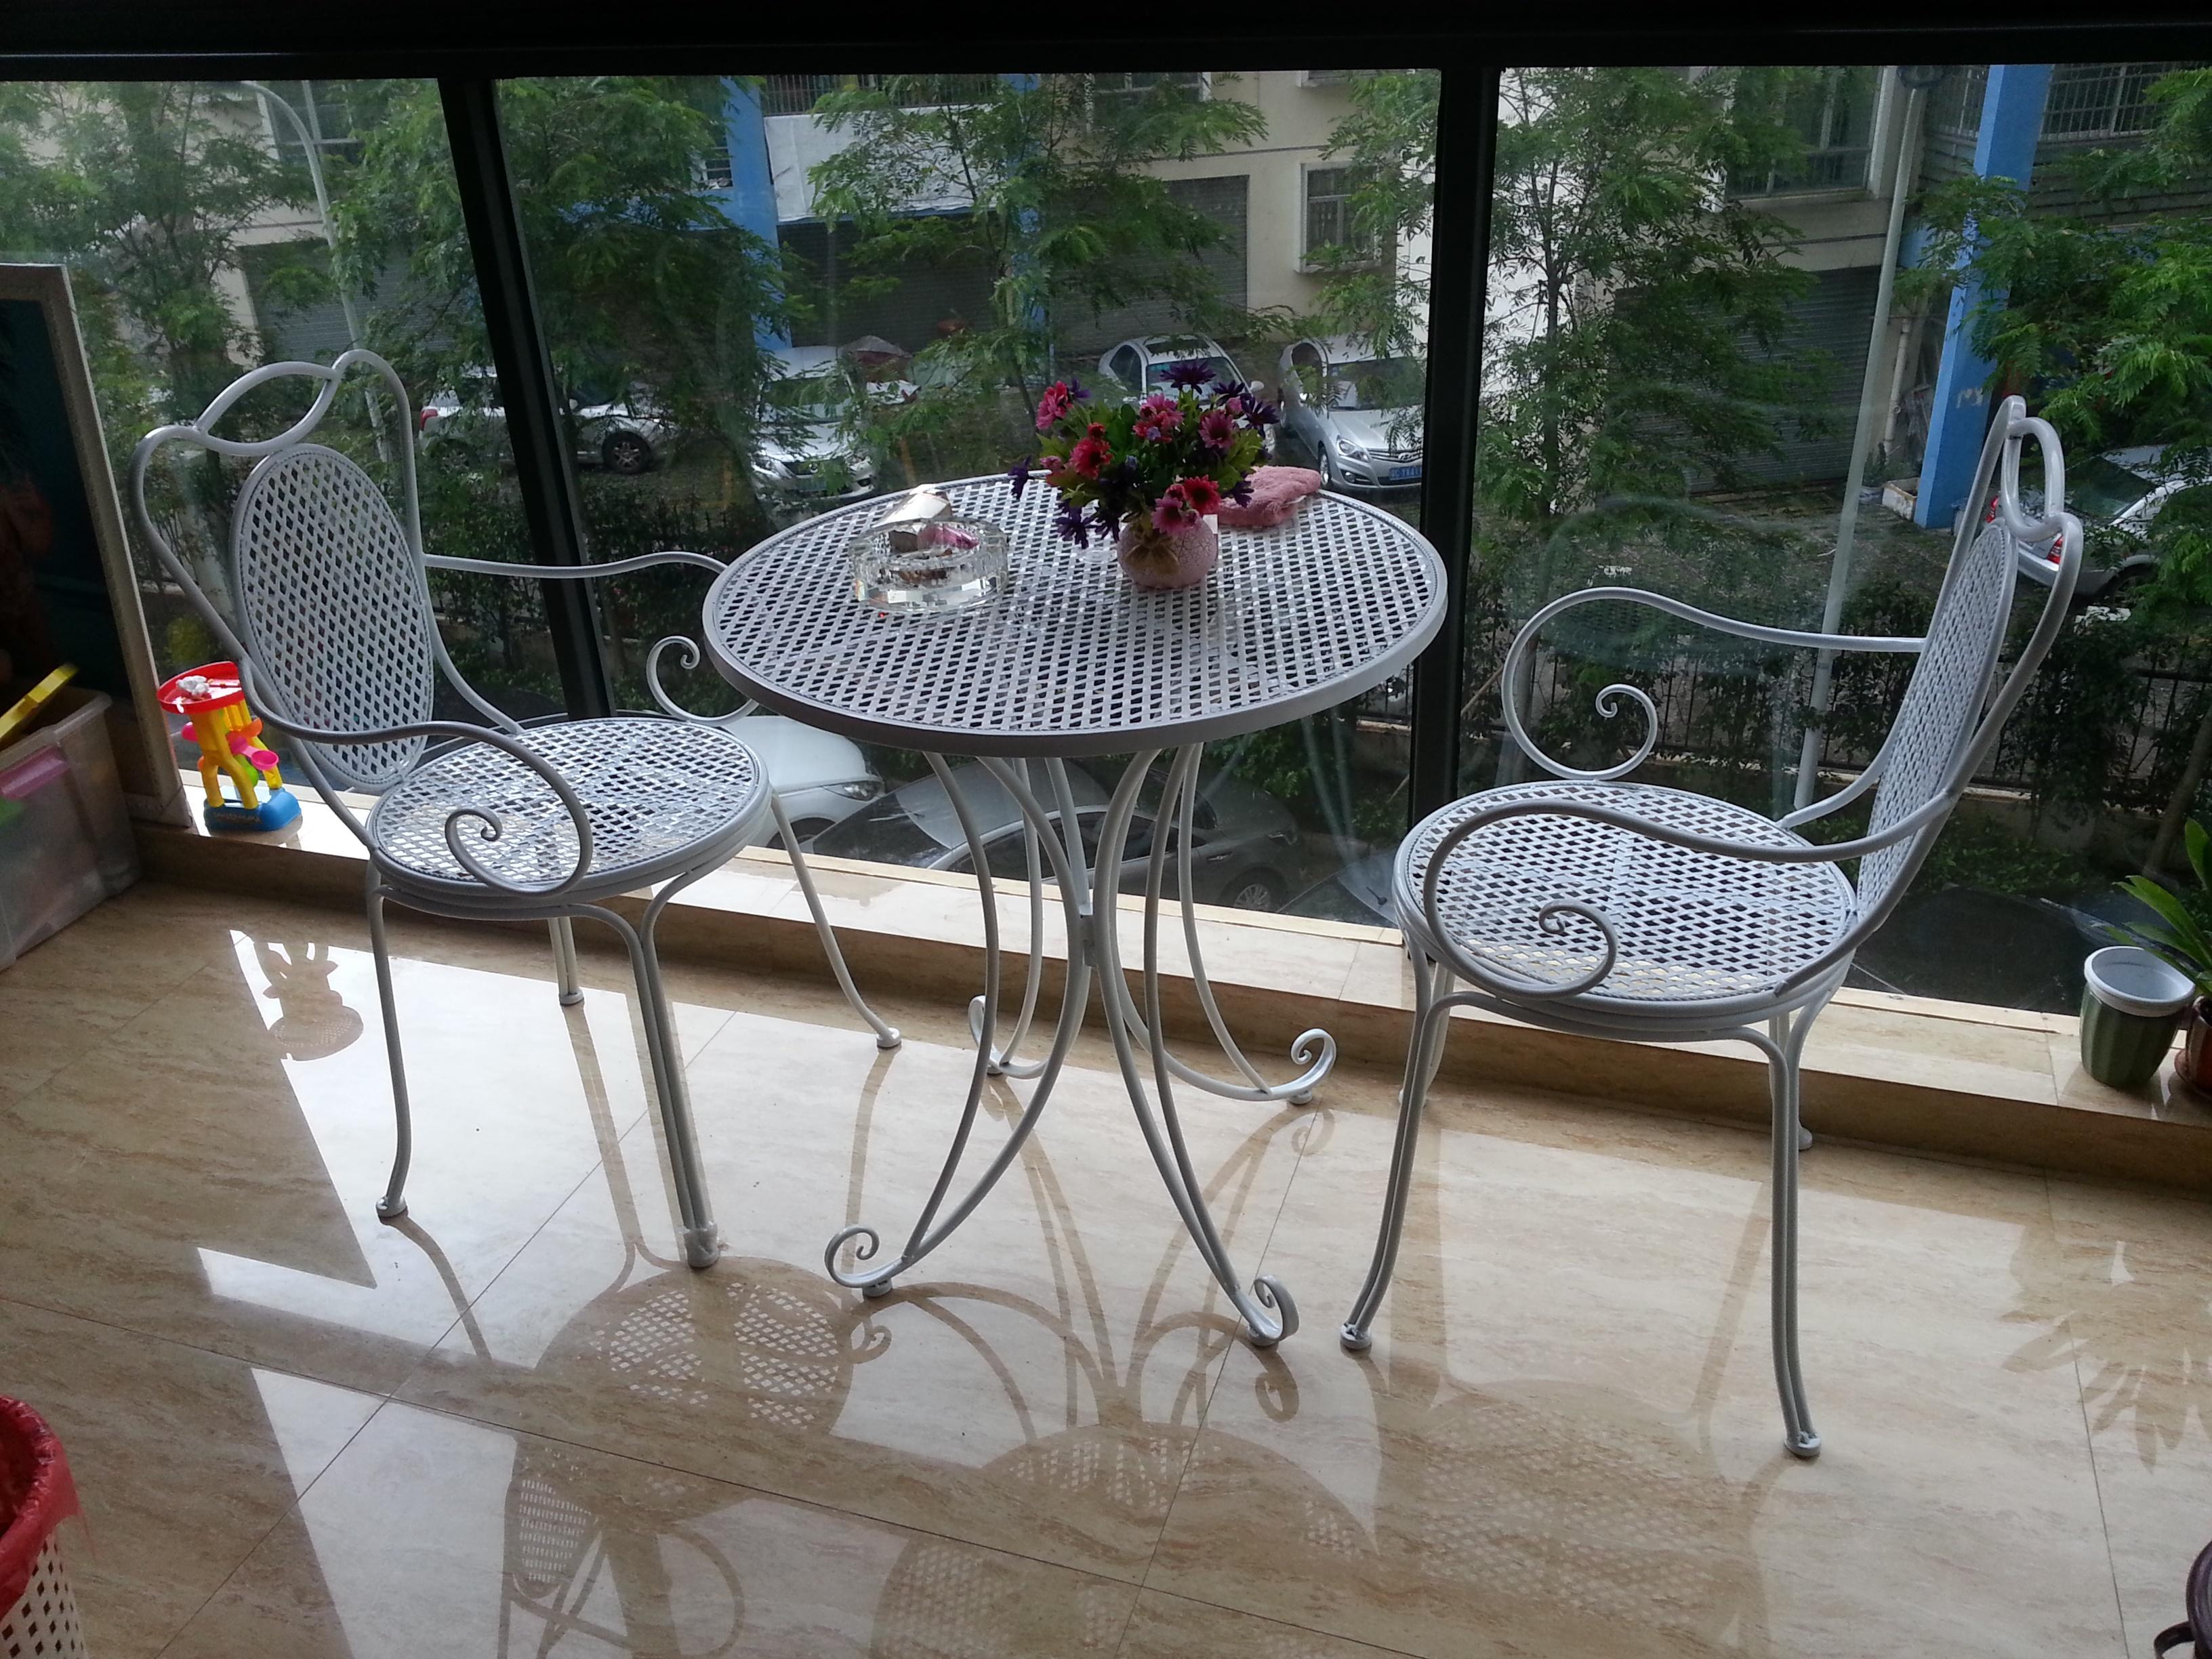 """Стол со стульями на балкон."""" - карточка пользователя владими."""